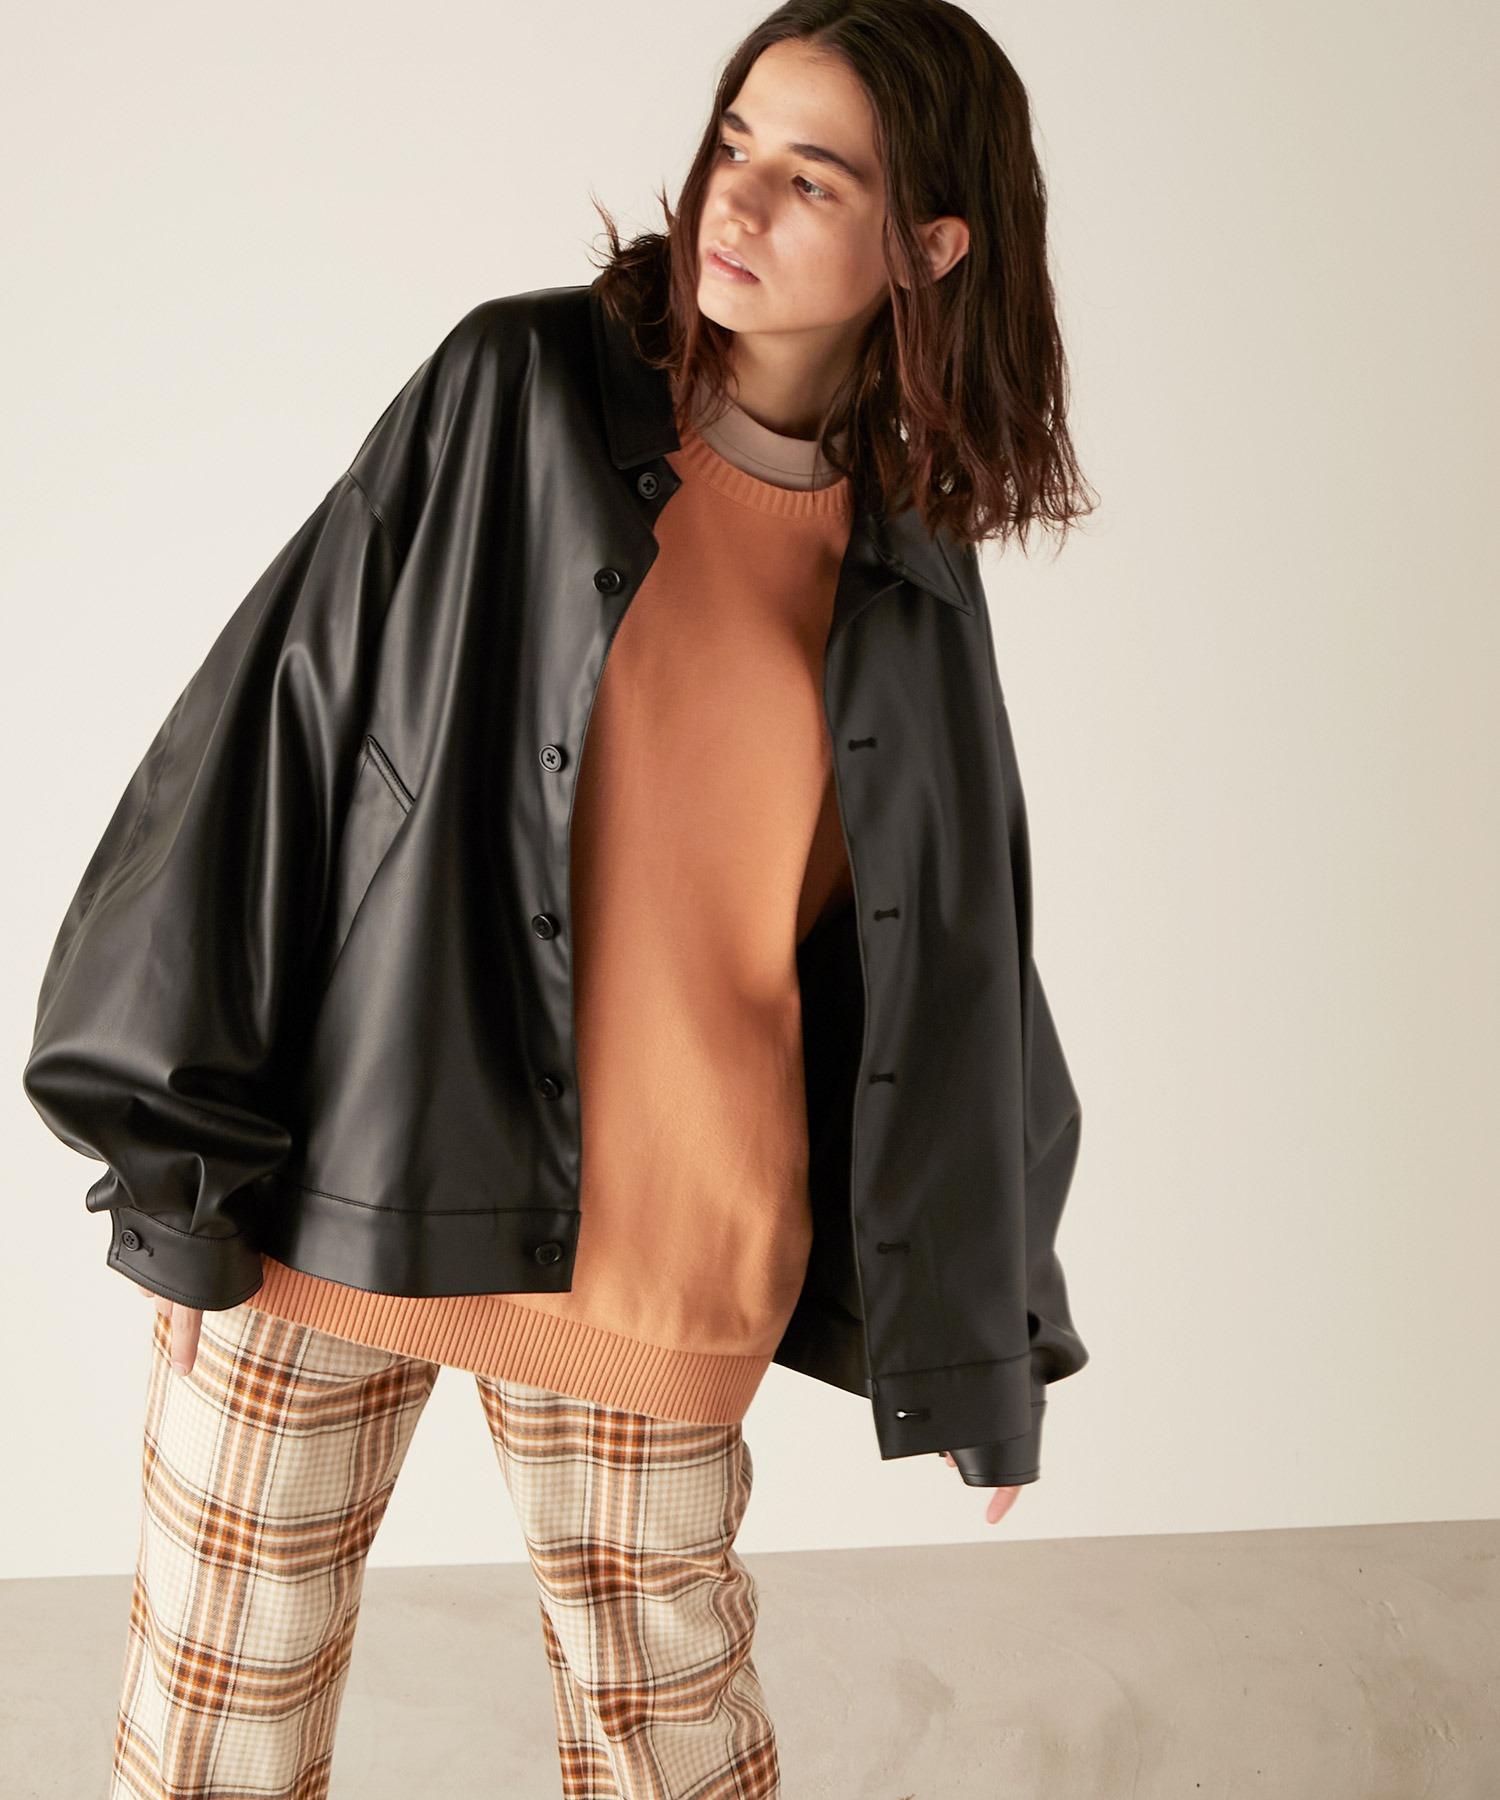 シンセティックレザー ビッグシルエット ルーズスリーブブルゾン EMMA CLOTHES